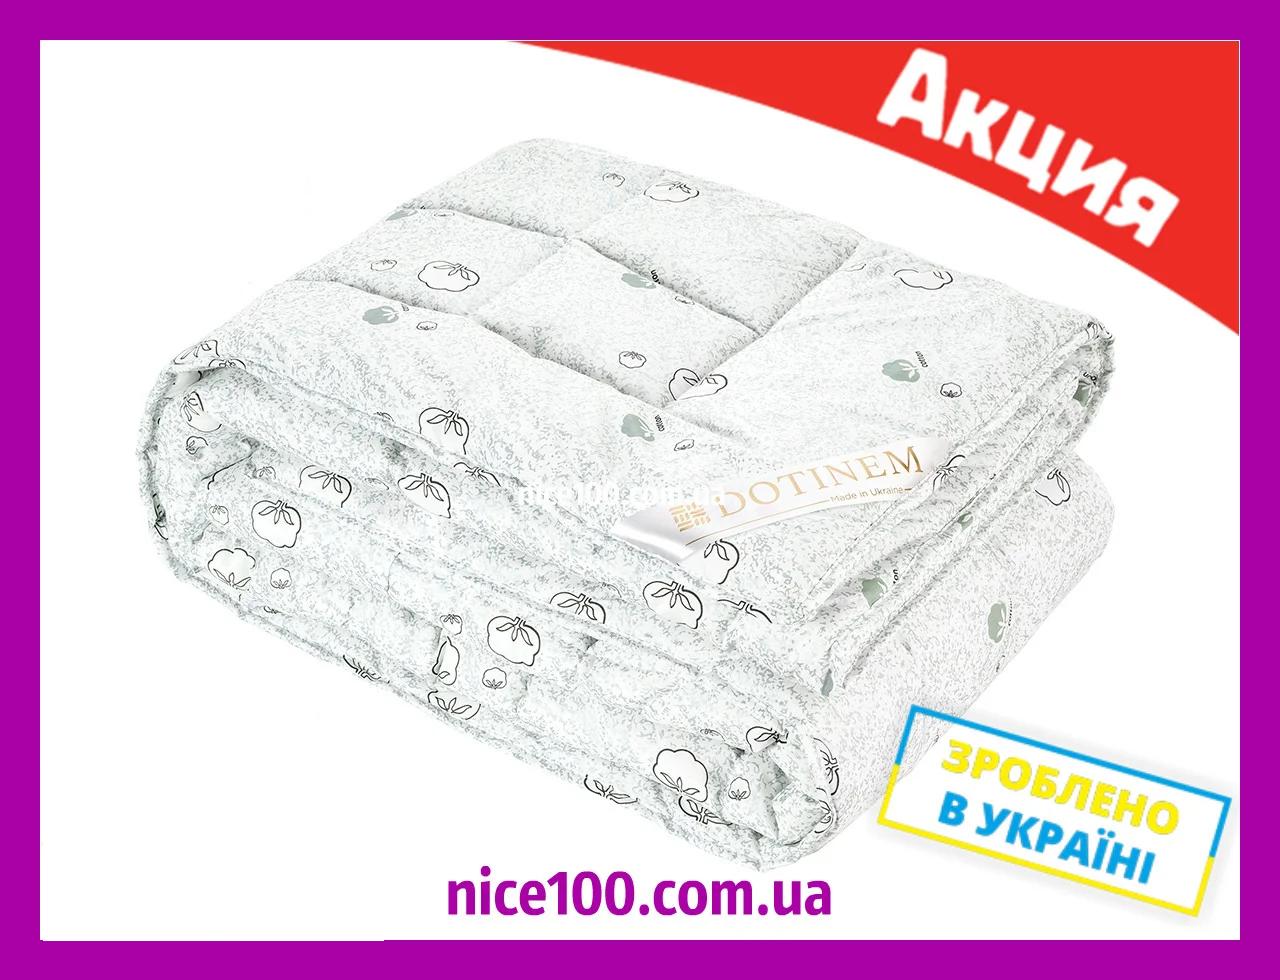 Одеяло 145х205 Зимнее MILDTON (Майлдтон) хлопок, микрофибра, полуторное, легкое